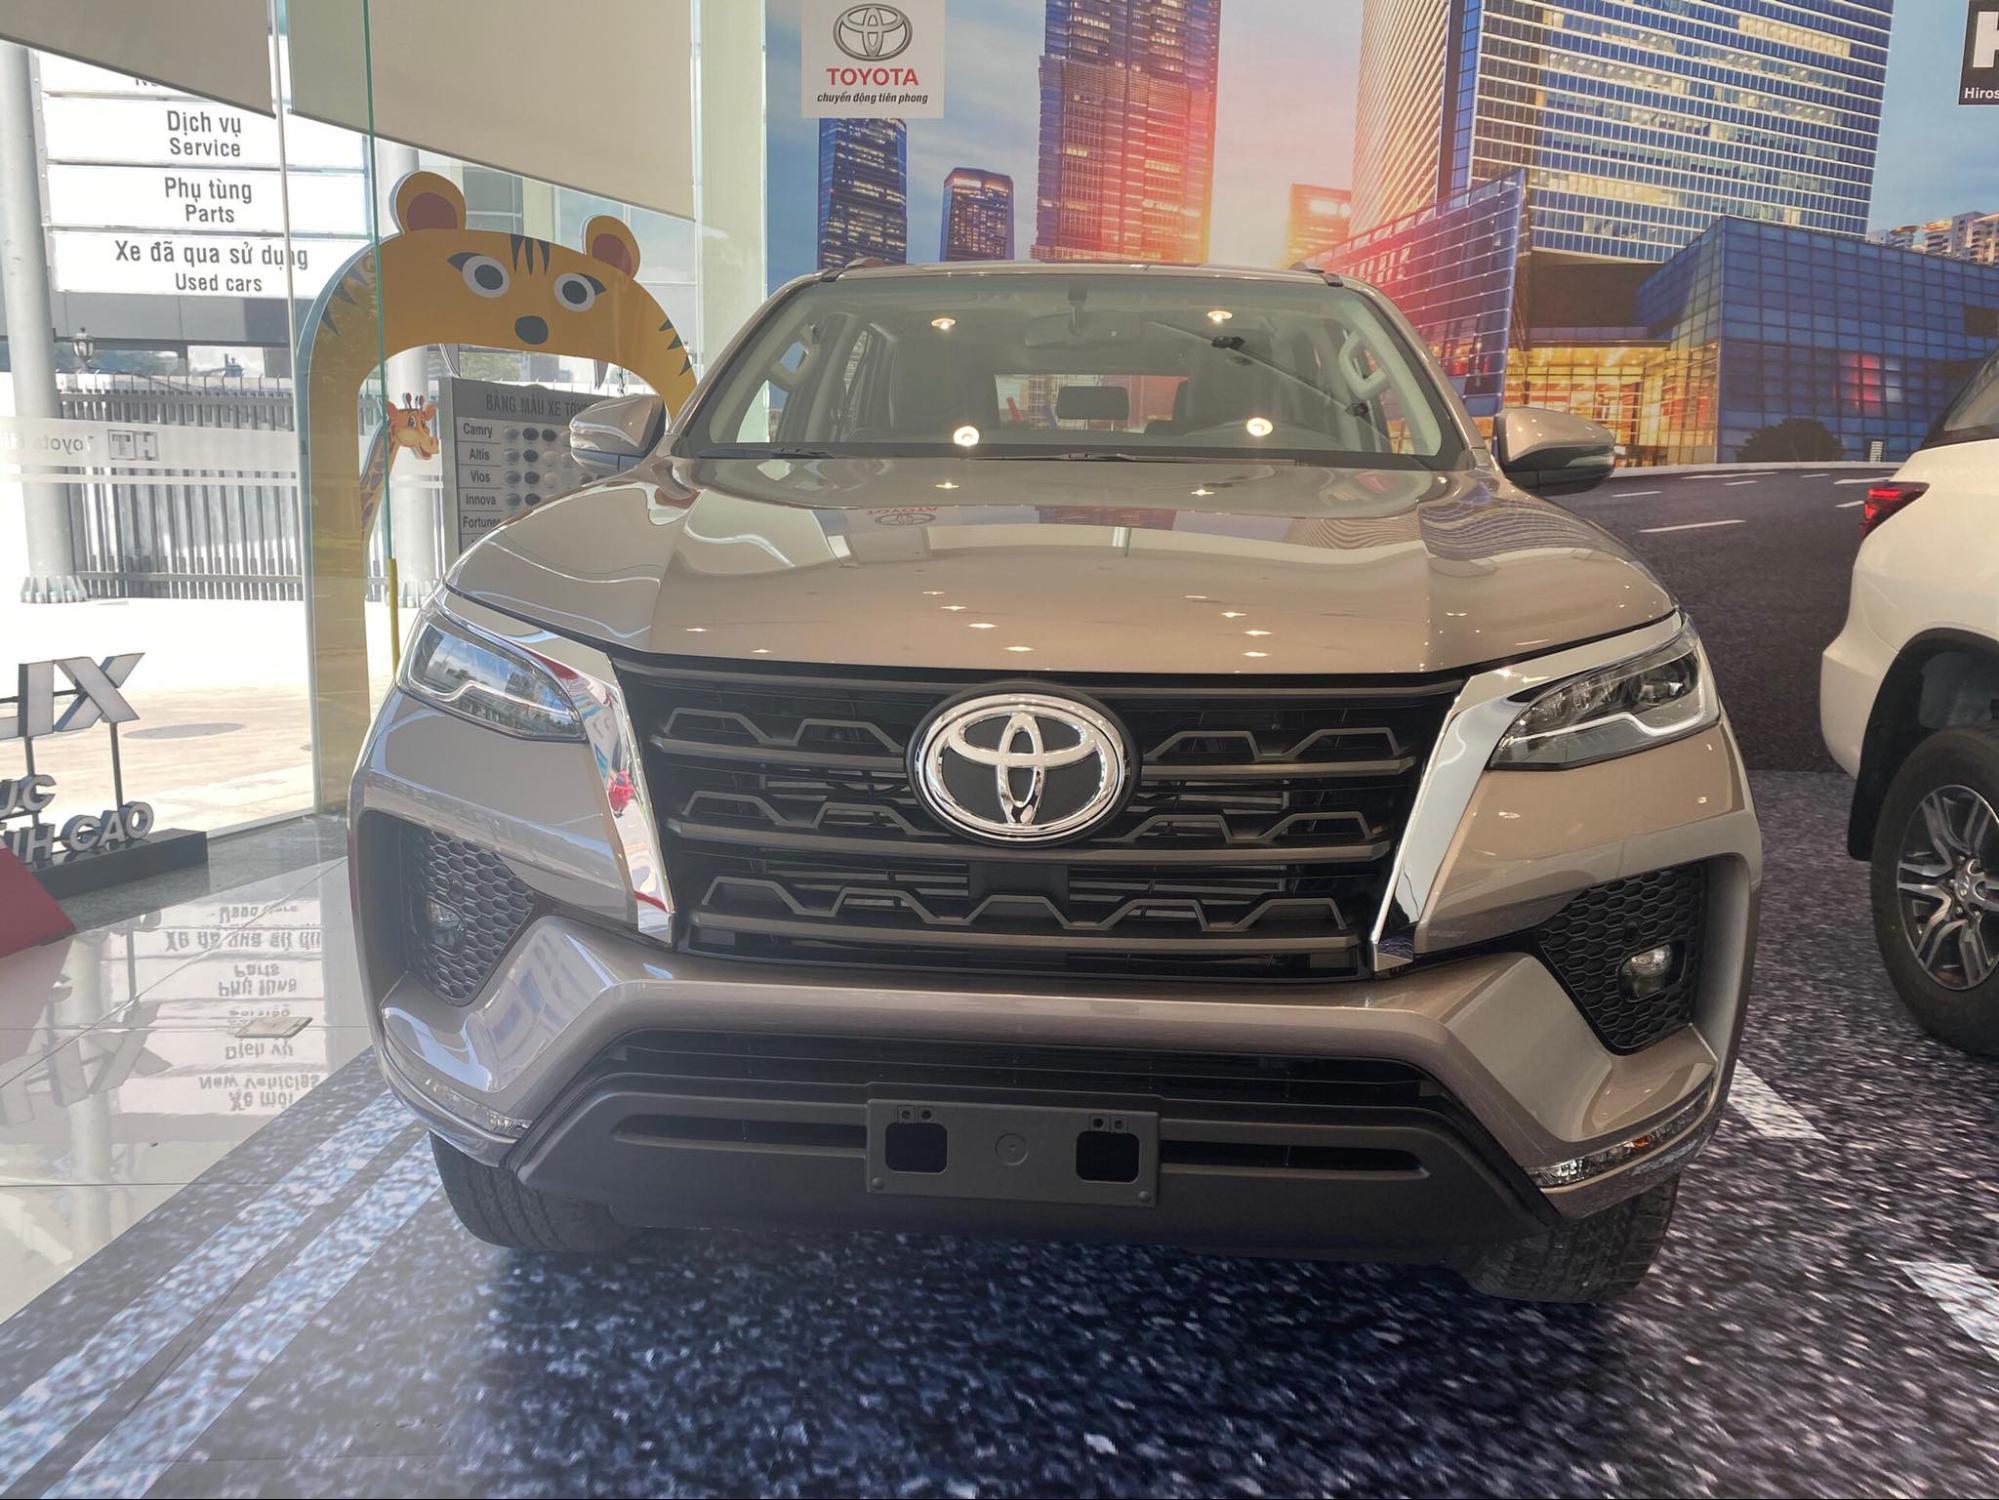 sanh toyota fortuner 2021 va kia sorento 2021 ke tam lang nguoi nua can toyotalongphuoc vn 2 - So sánh Vinfast Lux SA 2.0 và Toyota Fortuner bản cao cấp có gì khác biệt?